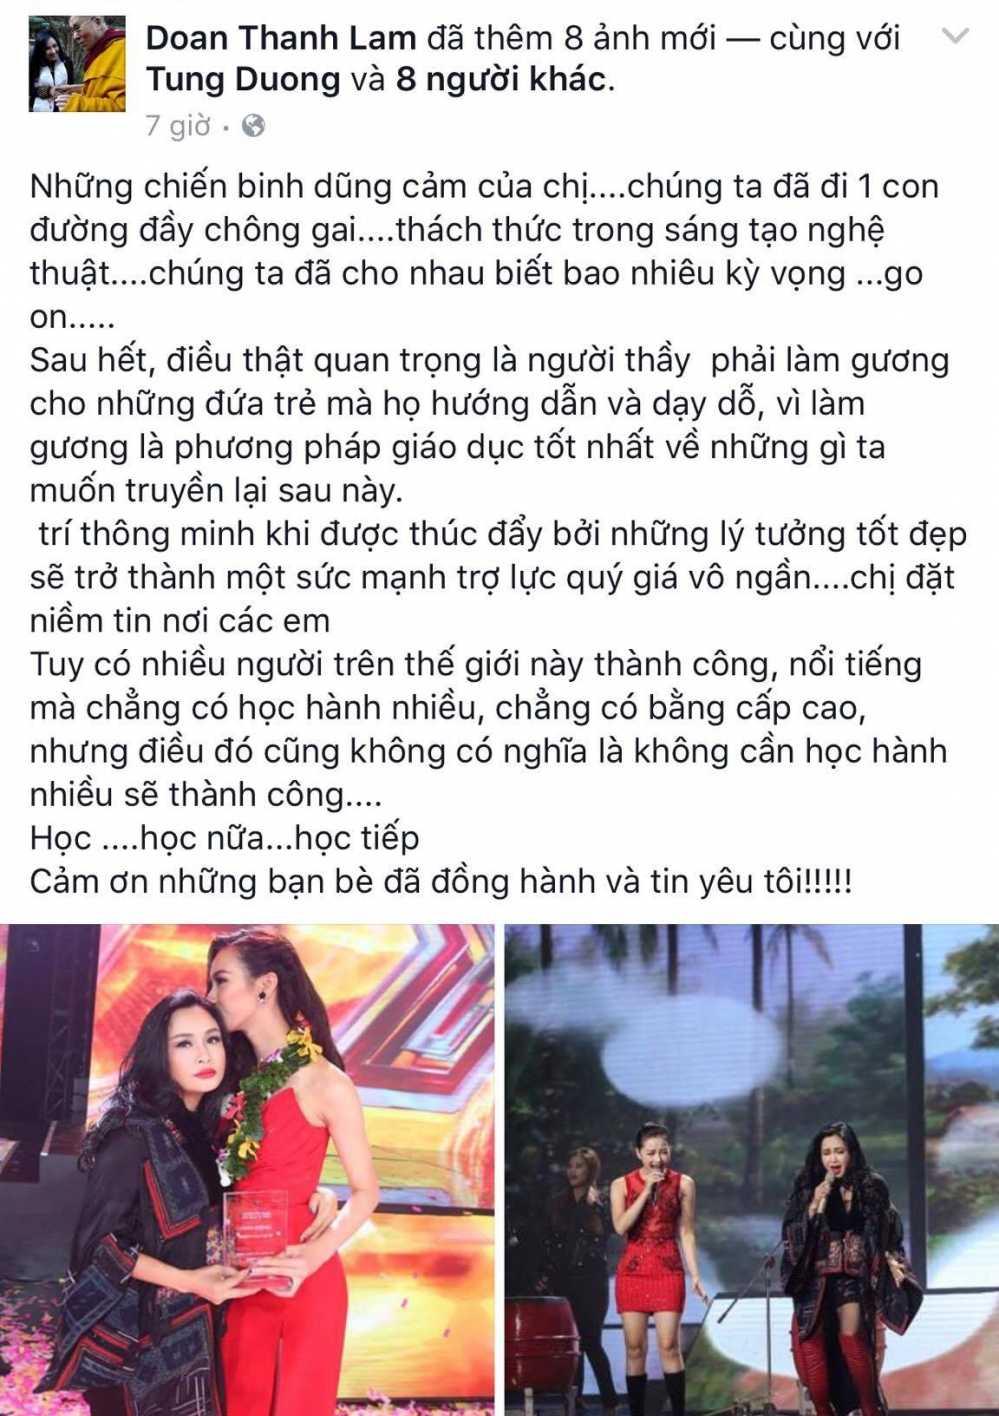 Khong phuc chien thang cua doi Huong Ho, Thanh Lam dang dan 'da xeo' hinh anh 2